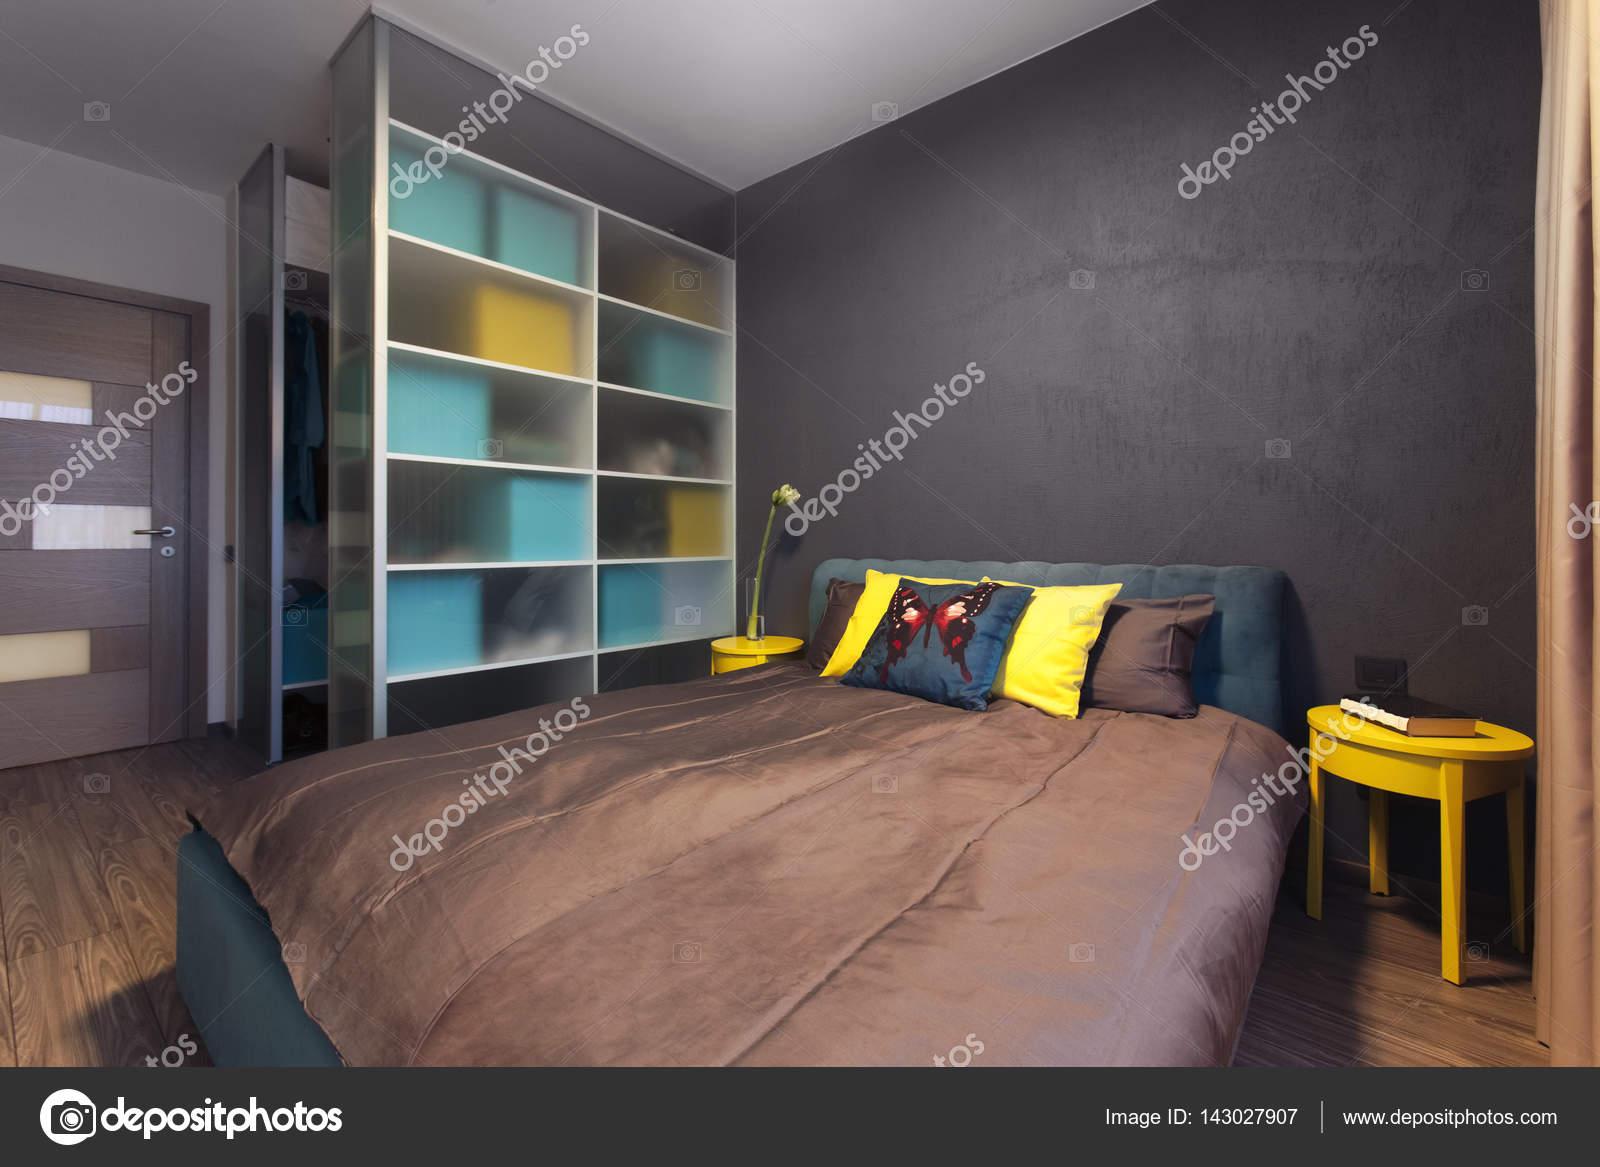 Modern interieur van een particuliere slaapkamer in effen kleuren